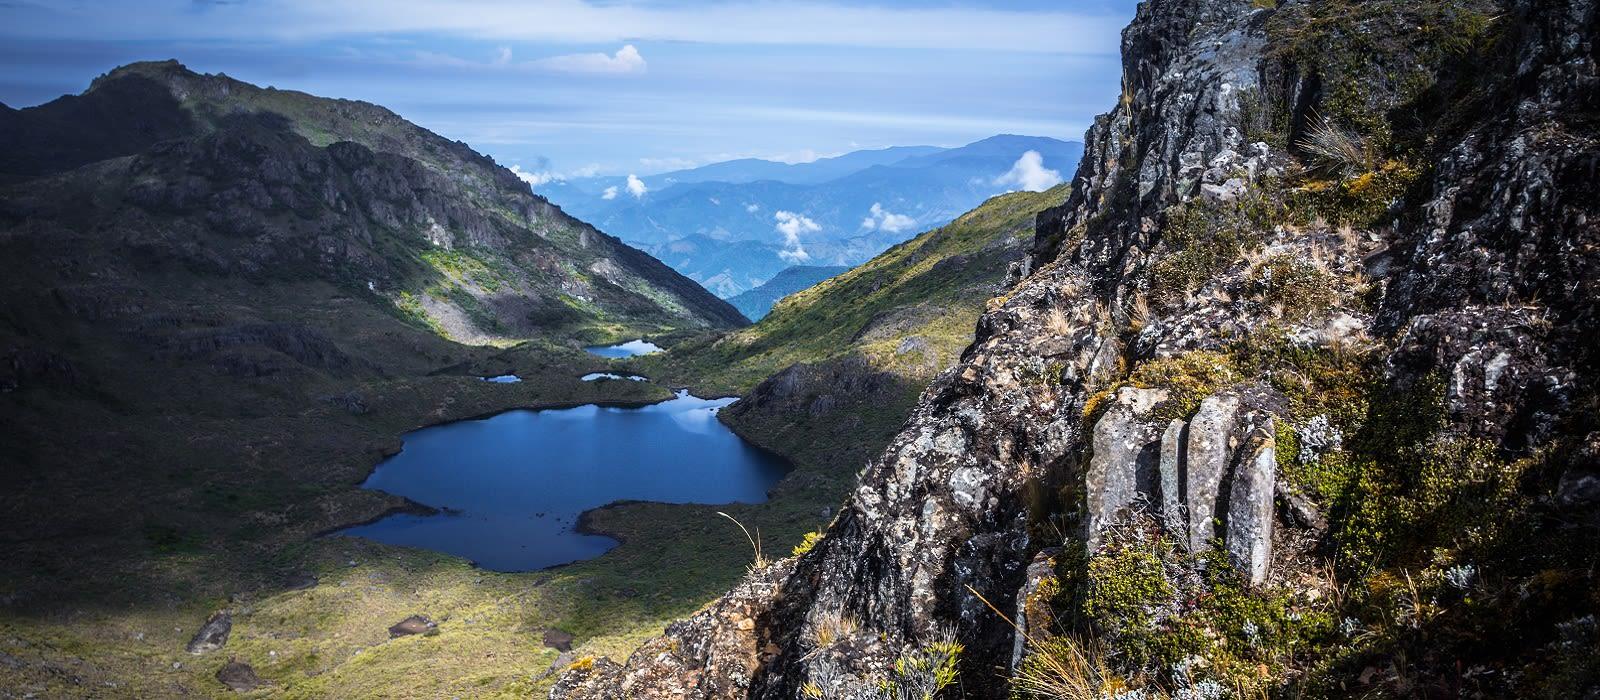 Costa Rica: Luxus in der Wildnis Urlaub 3